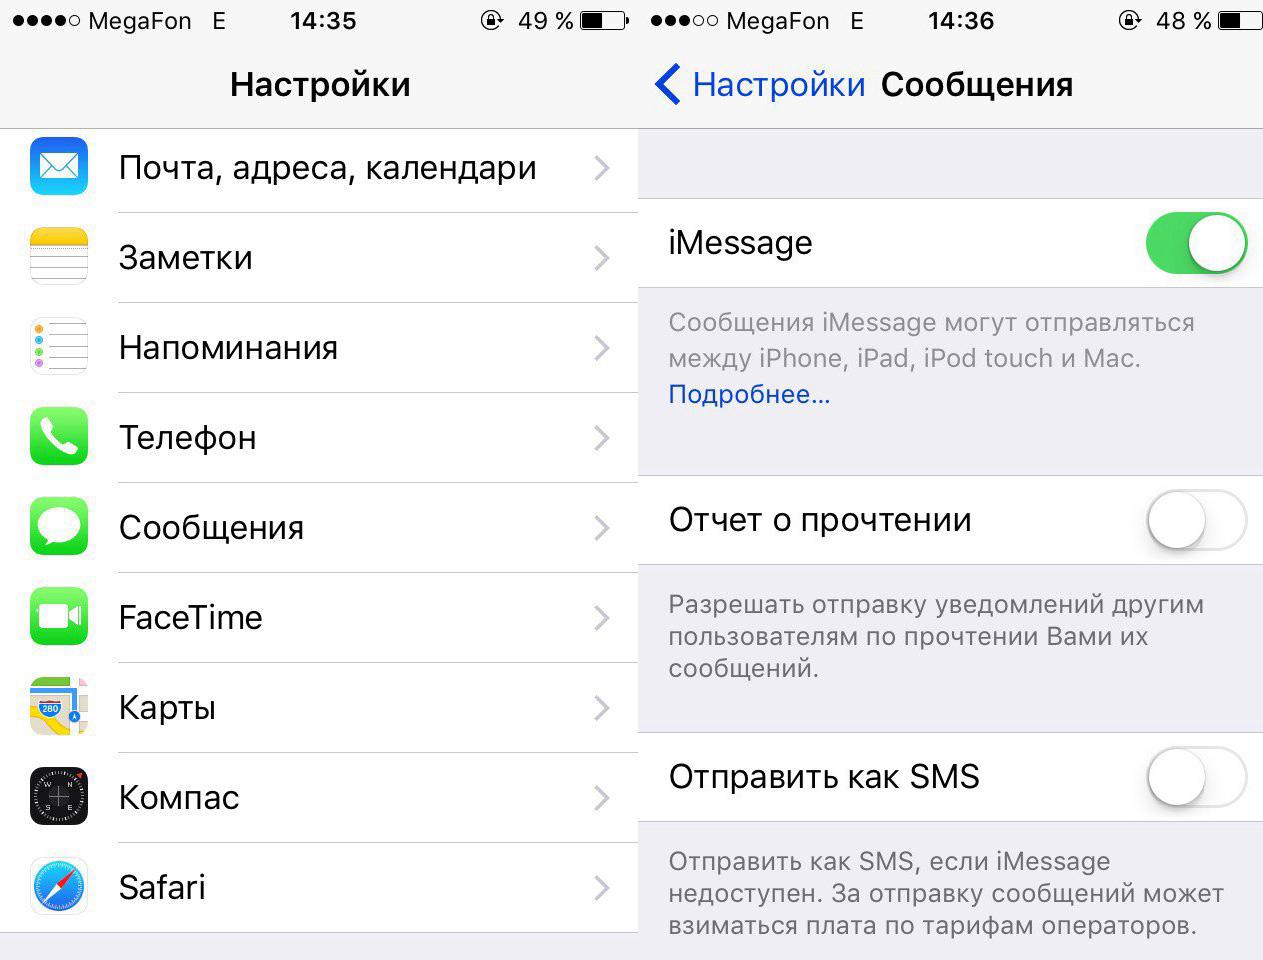 Подробно о том, как включить функцию MMS на iPhone 6s